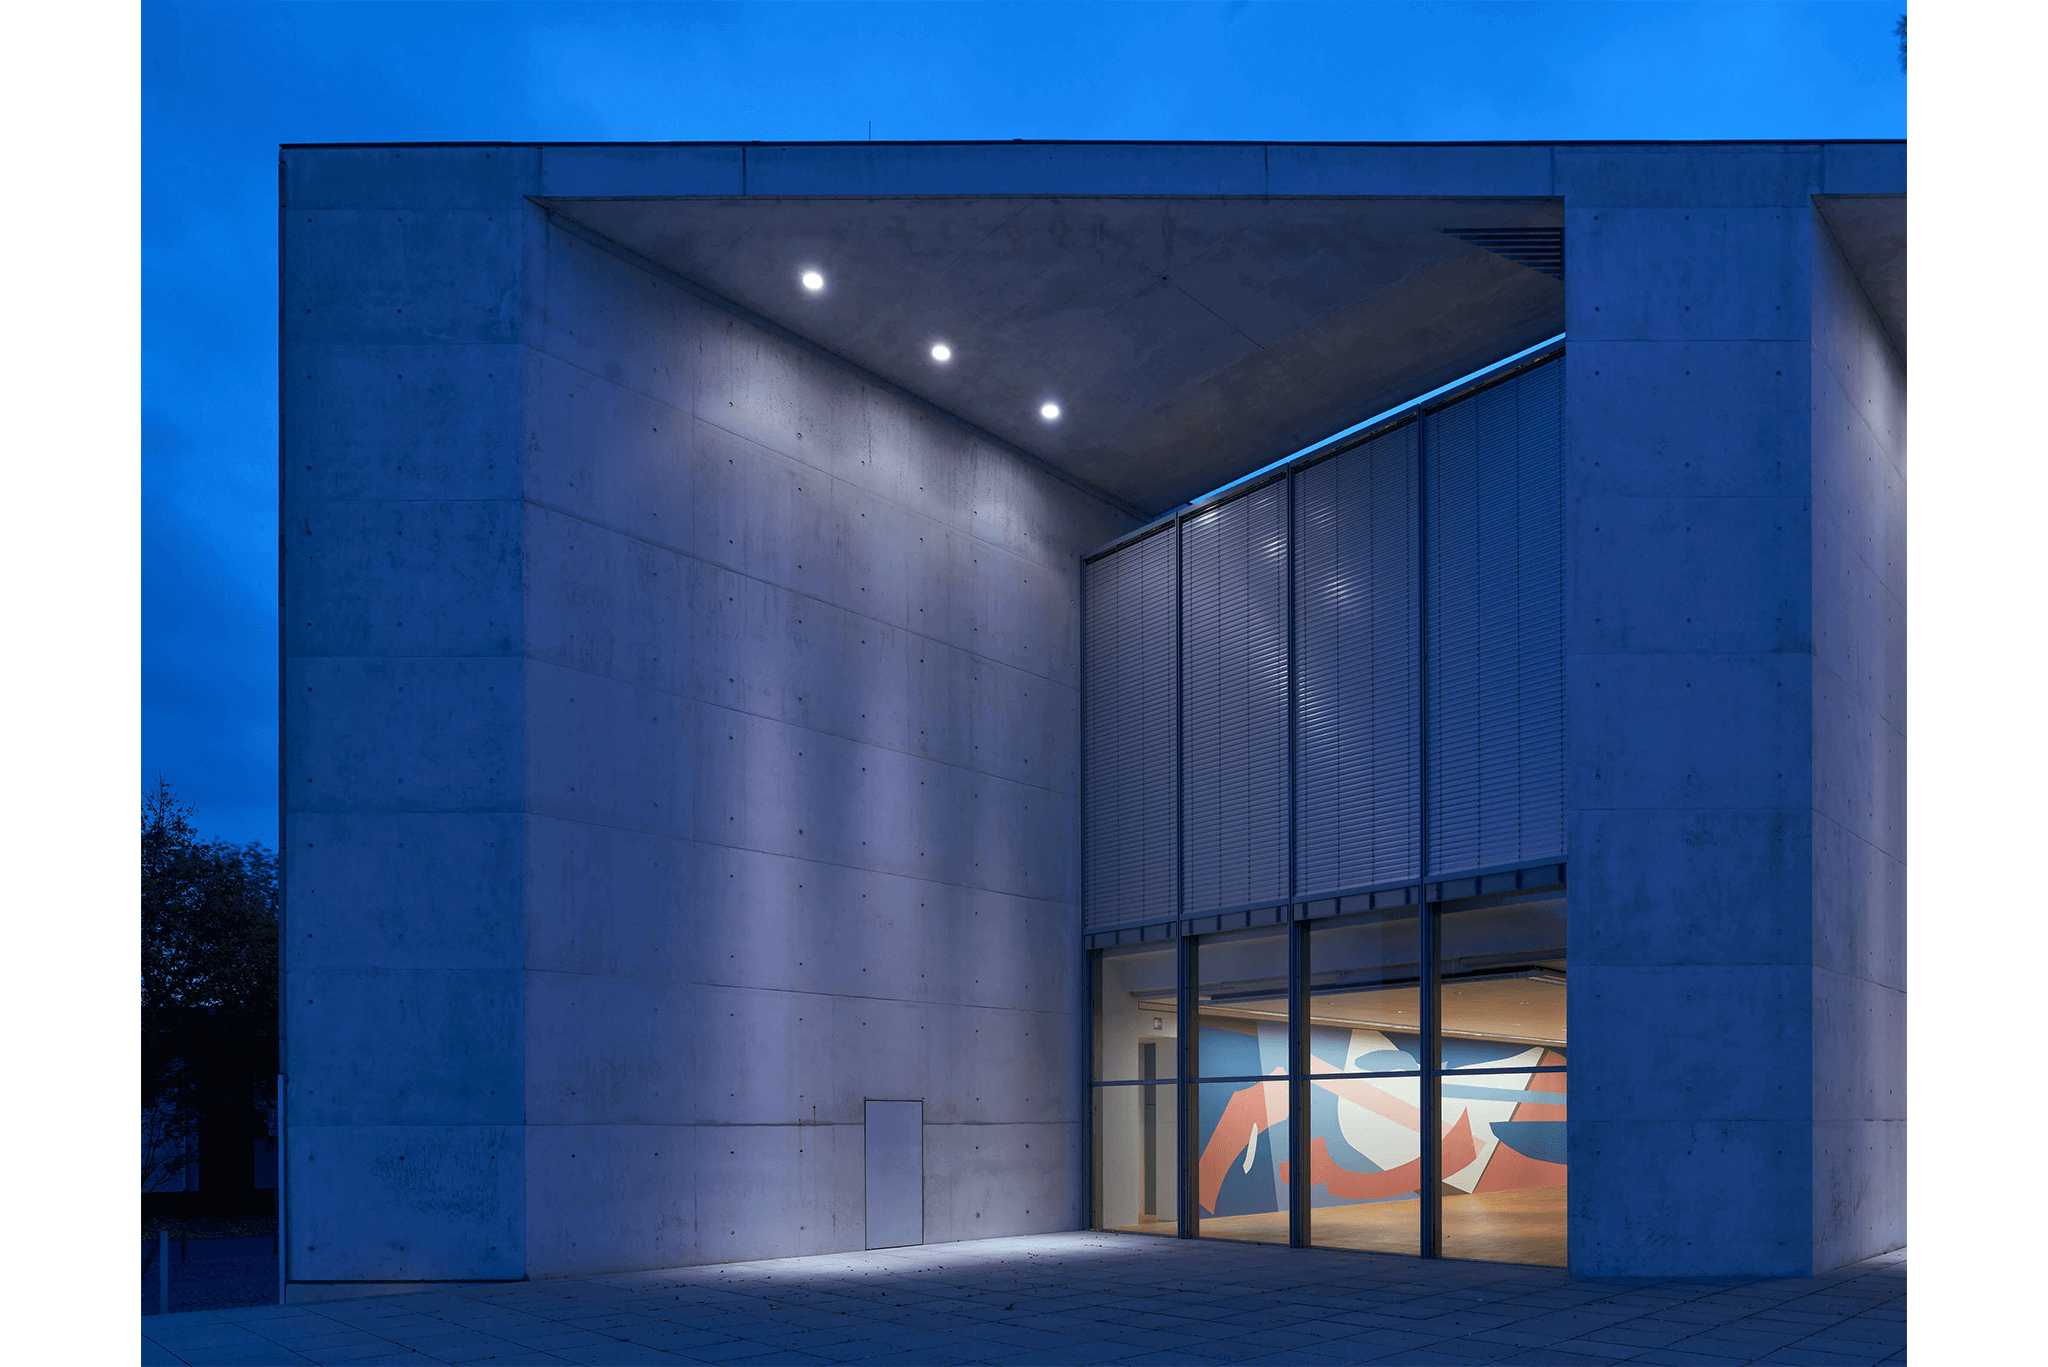 01_Frauke-Dannert_Collage_Ausstellung_Folie_Galerie-Lisa-Kandlhofer_Wien_2018b